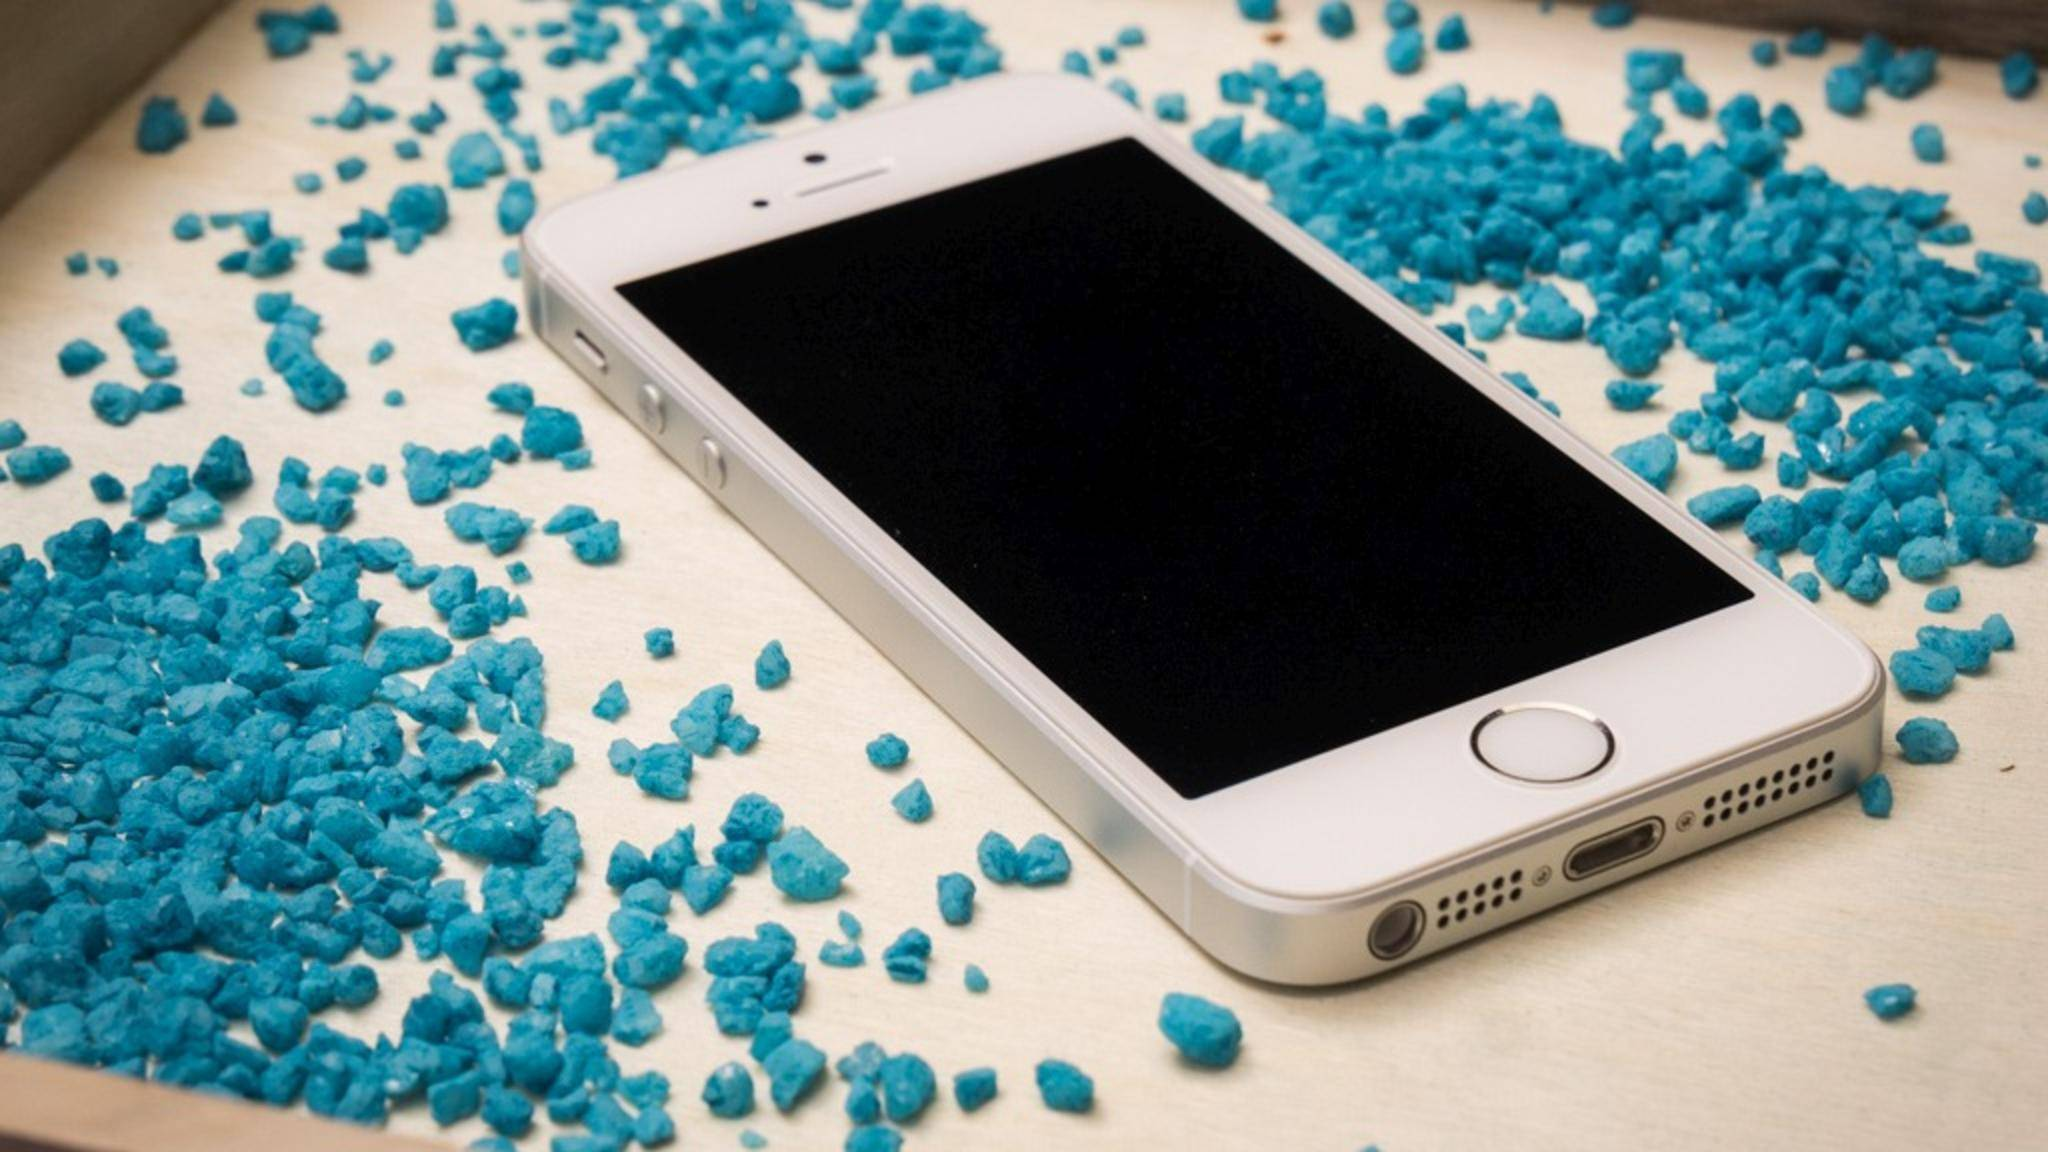 Sogar das ältere iPhone 5s bekommt noch iOS 12.